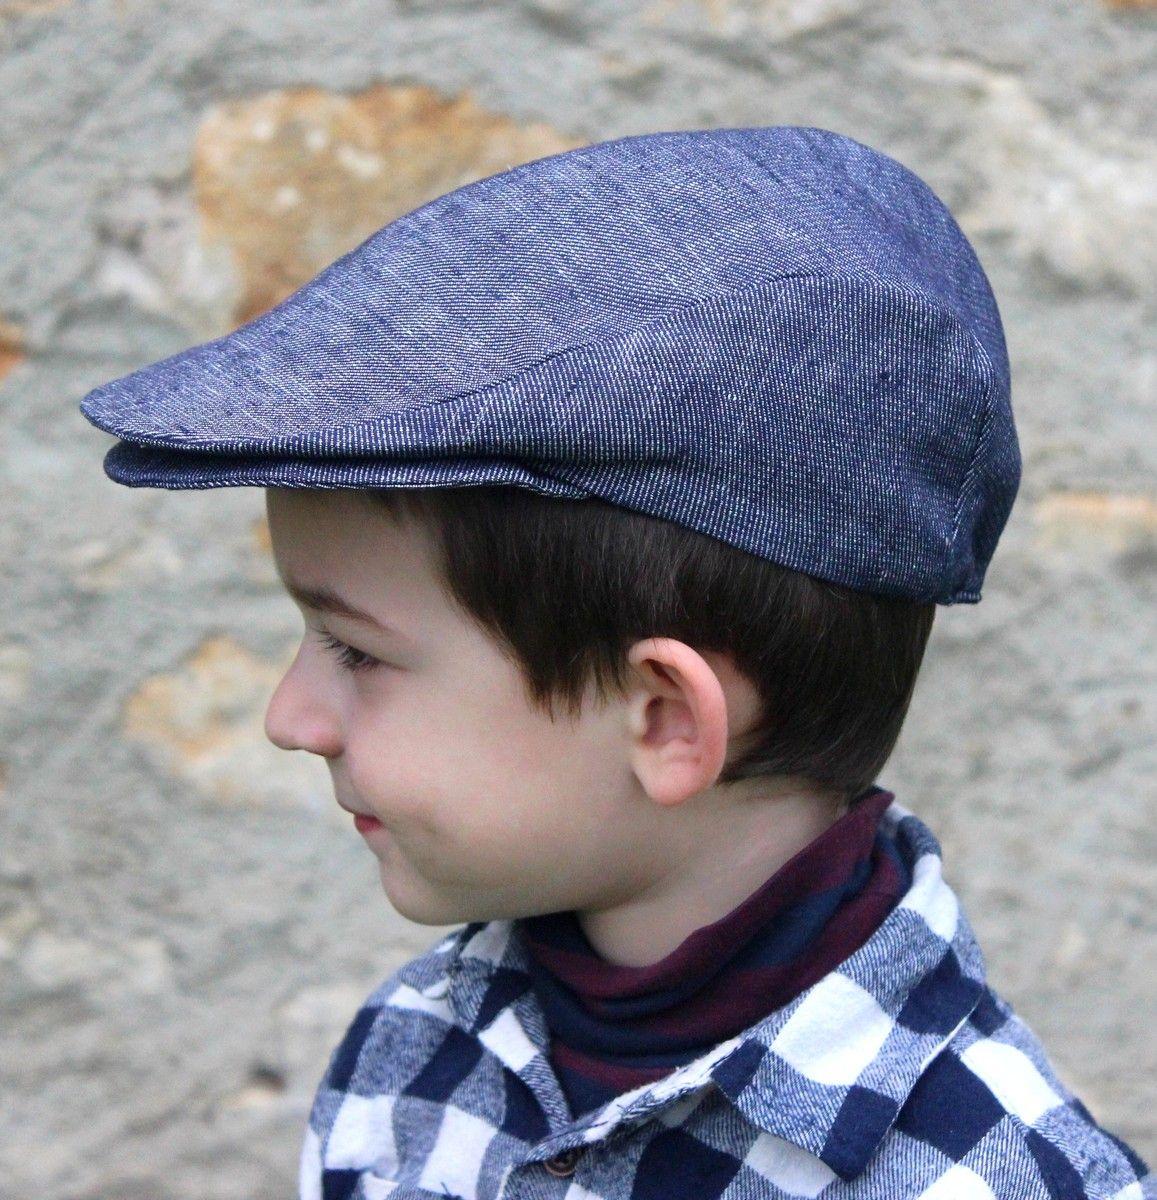 2b4b183281f3 Kids beret Cap newsboy style, denim dark blue denim, head ...